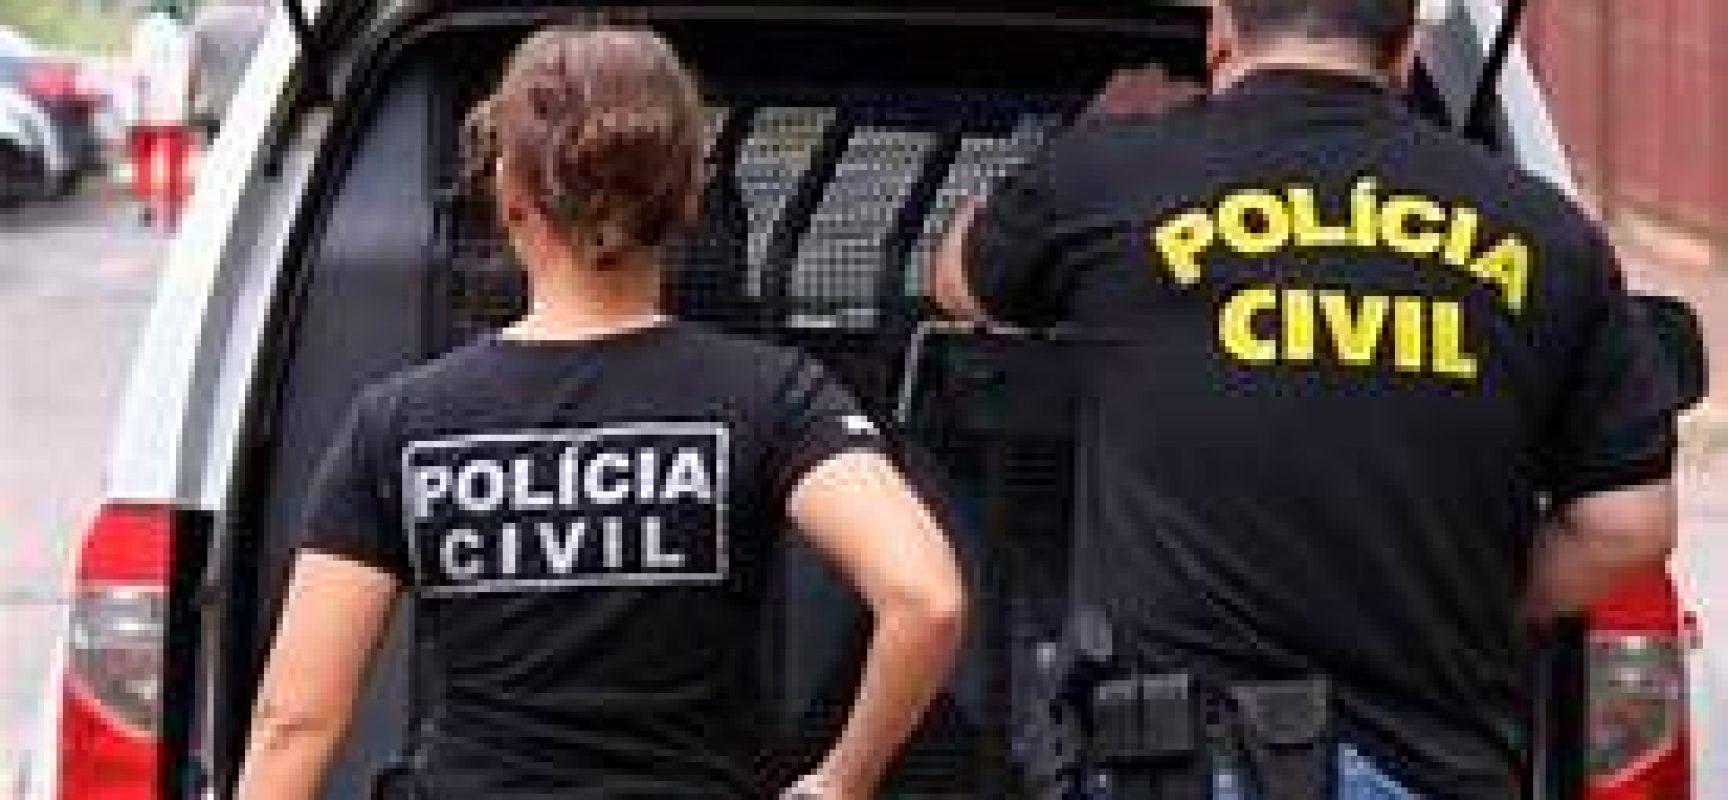 Homem que agrediu ex-companheira e desafiou polícia em vídeo é preso em Jaguaripe